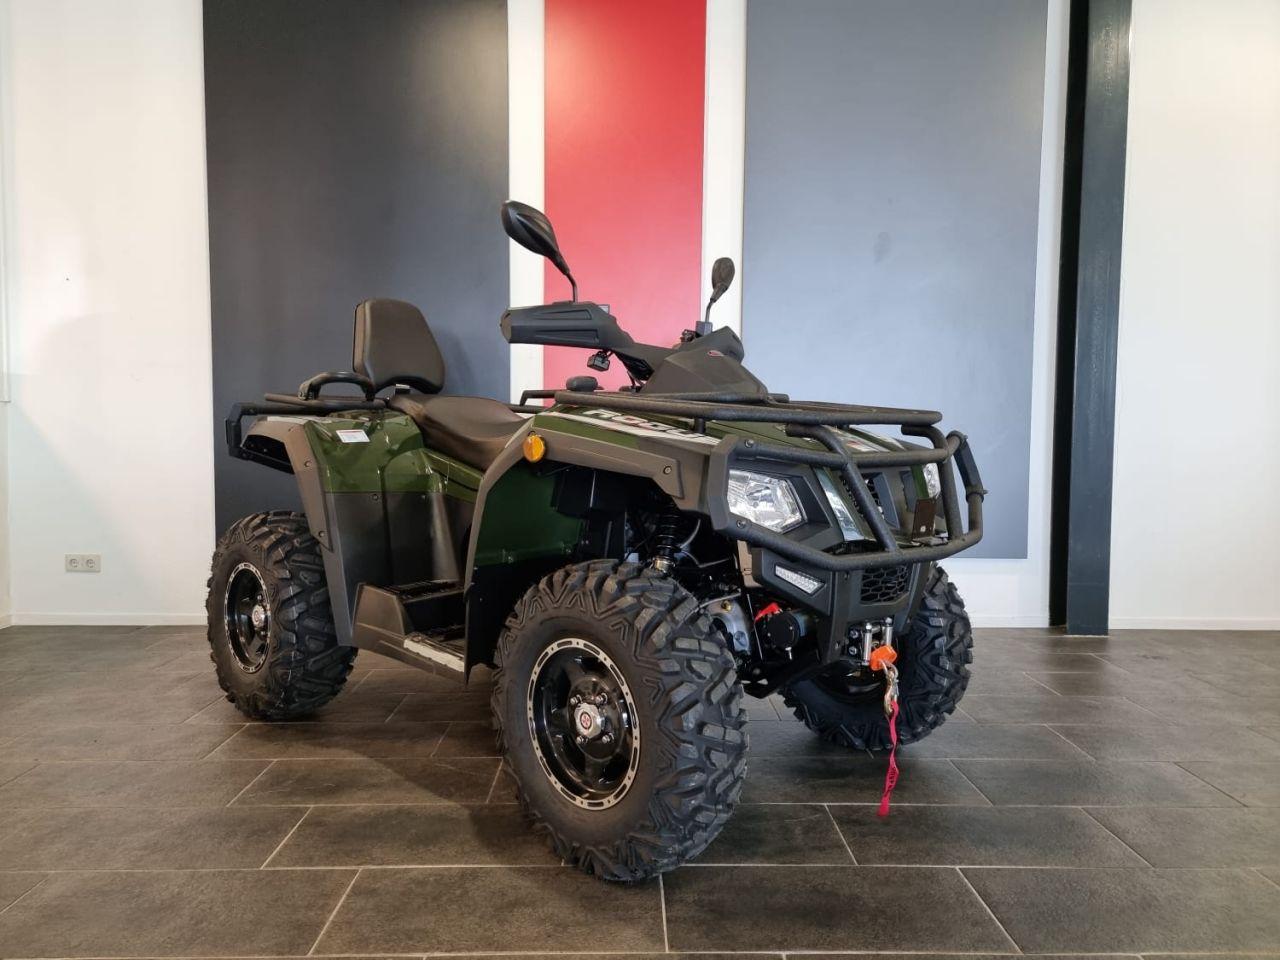 Rogue Terrawolf 550 IRS op L7e (autokenteken) of Tractor